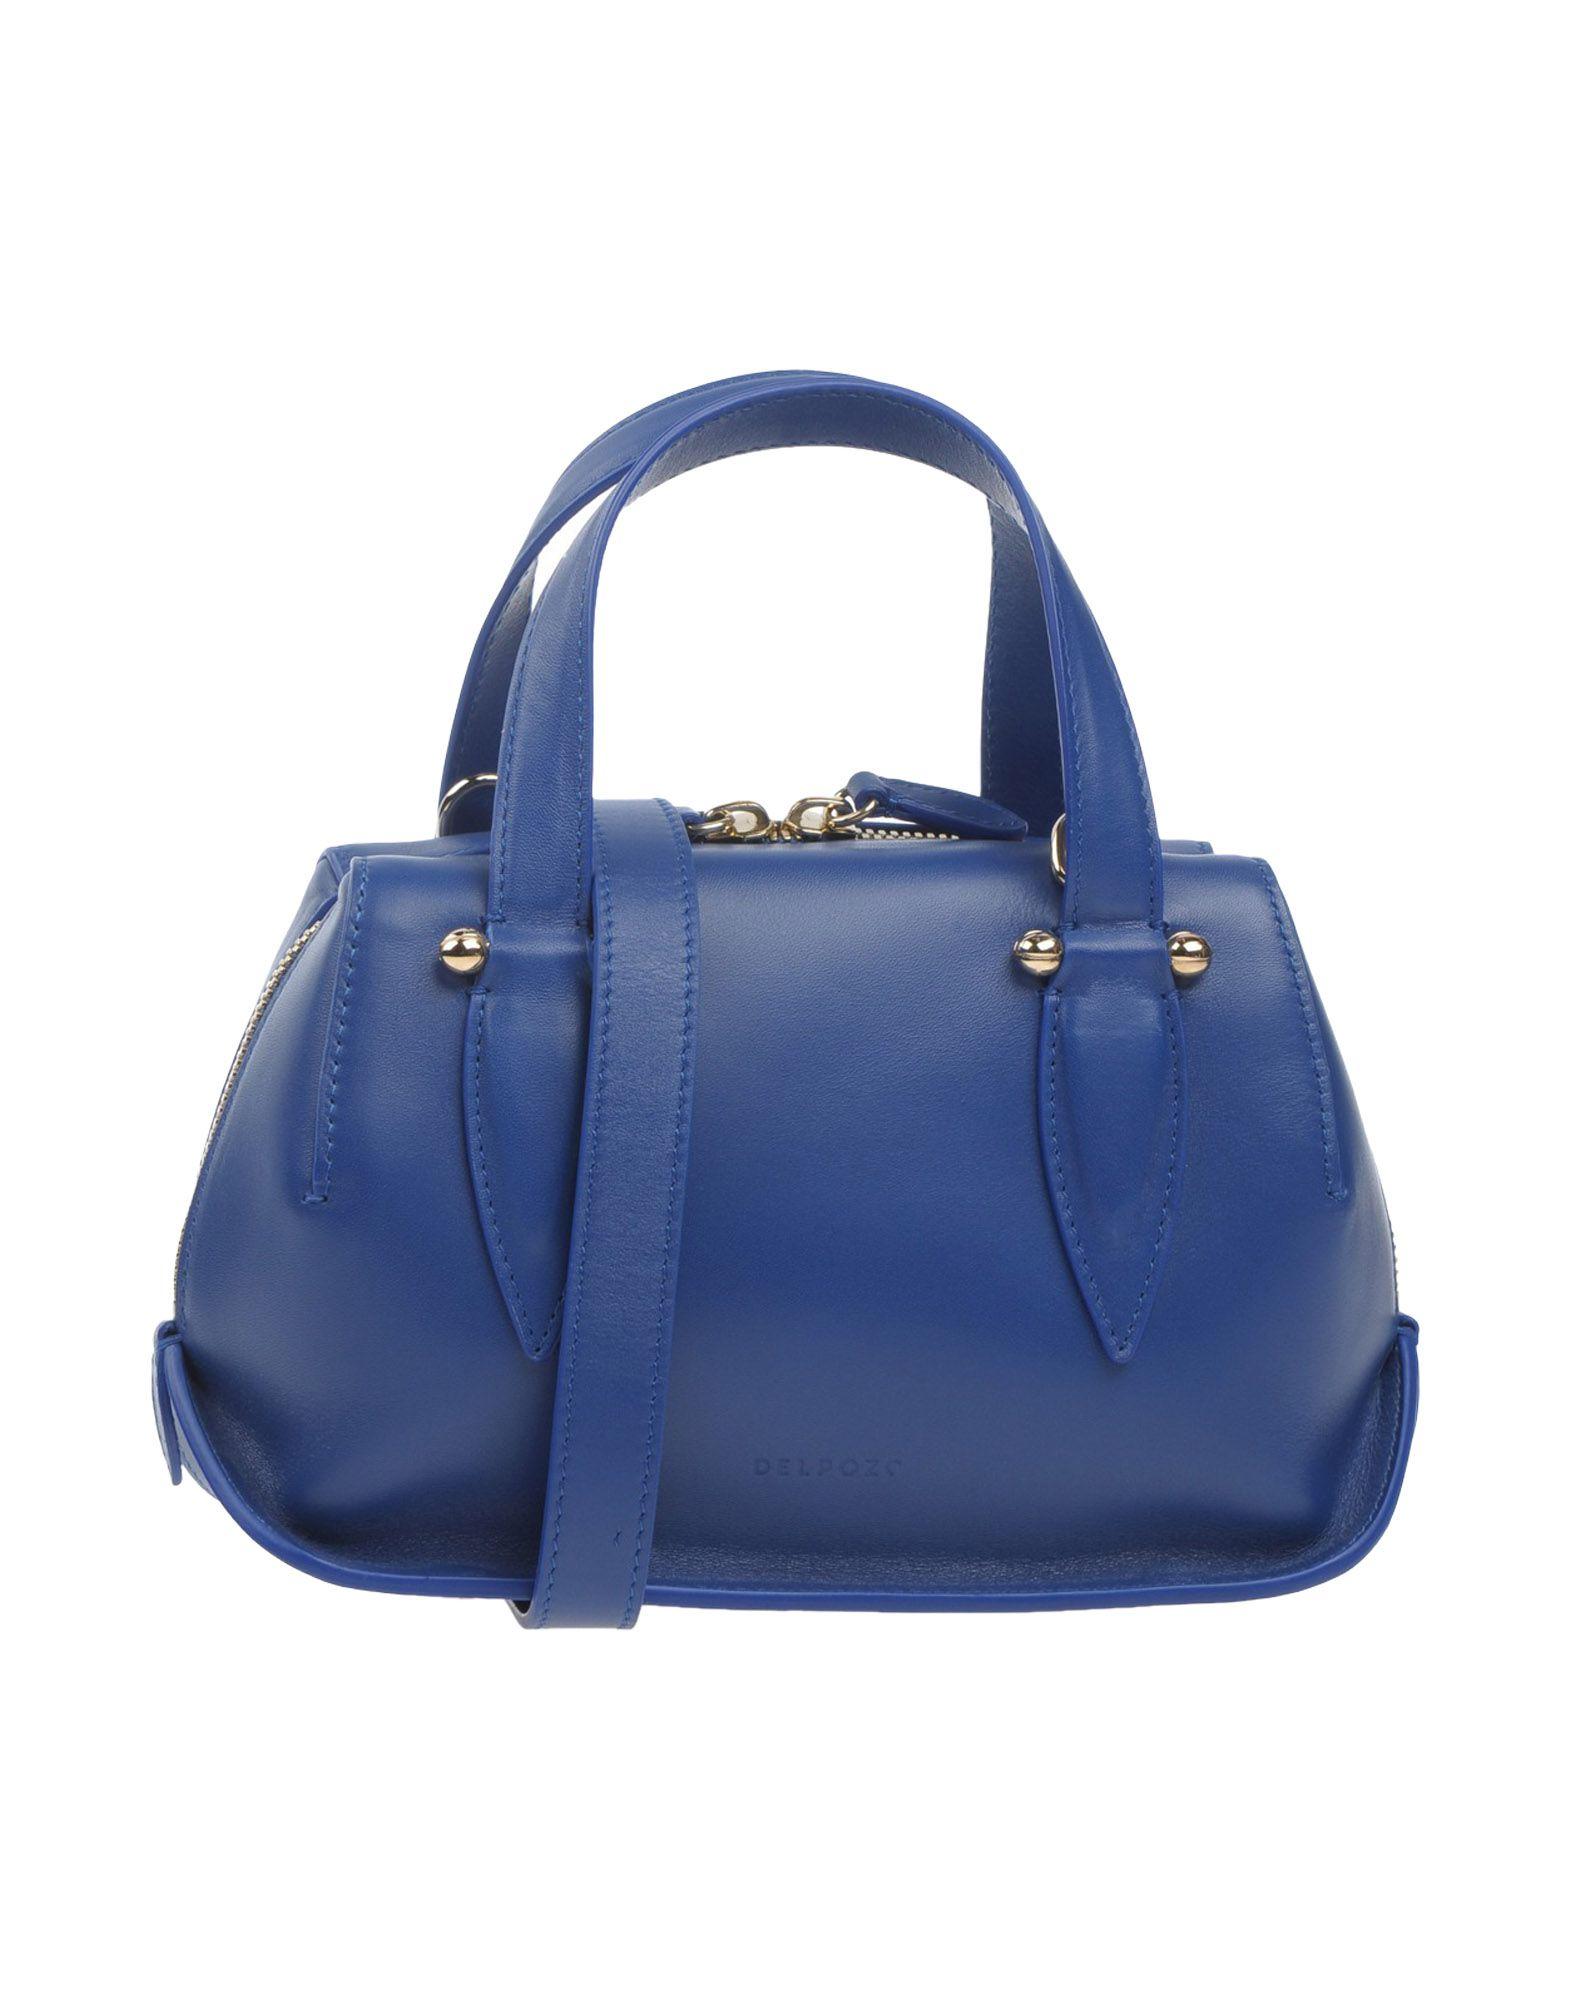 DELPOZO レディース ハンドバッグ ブルー 革